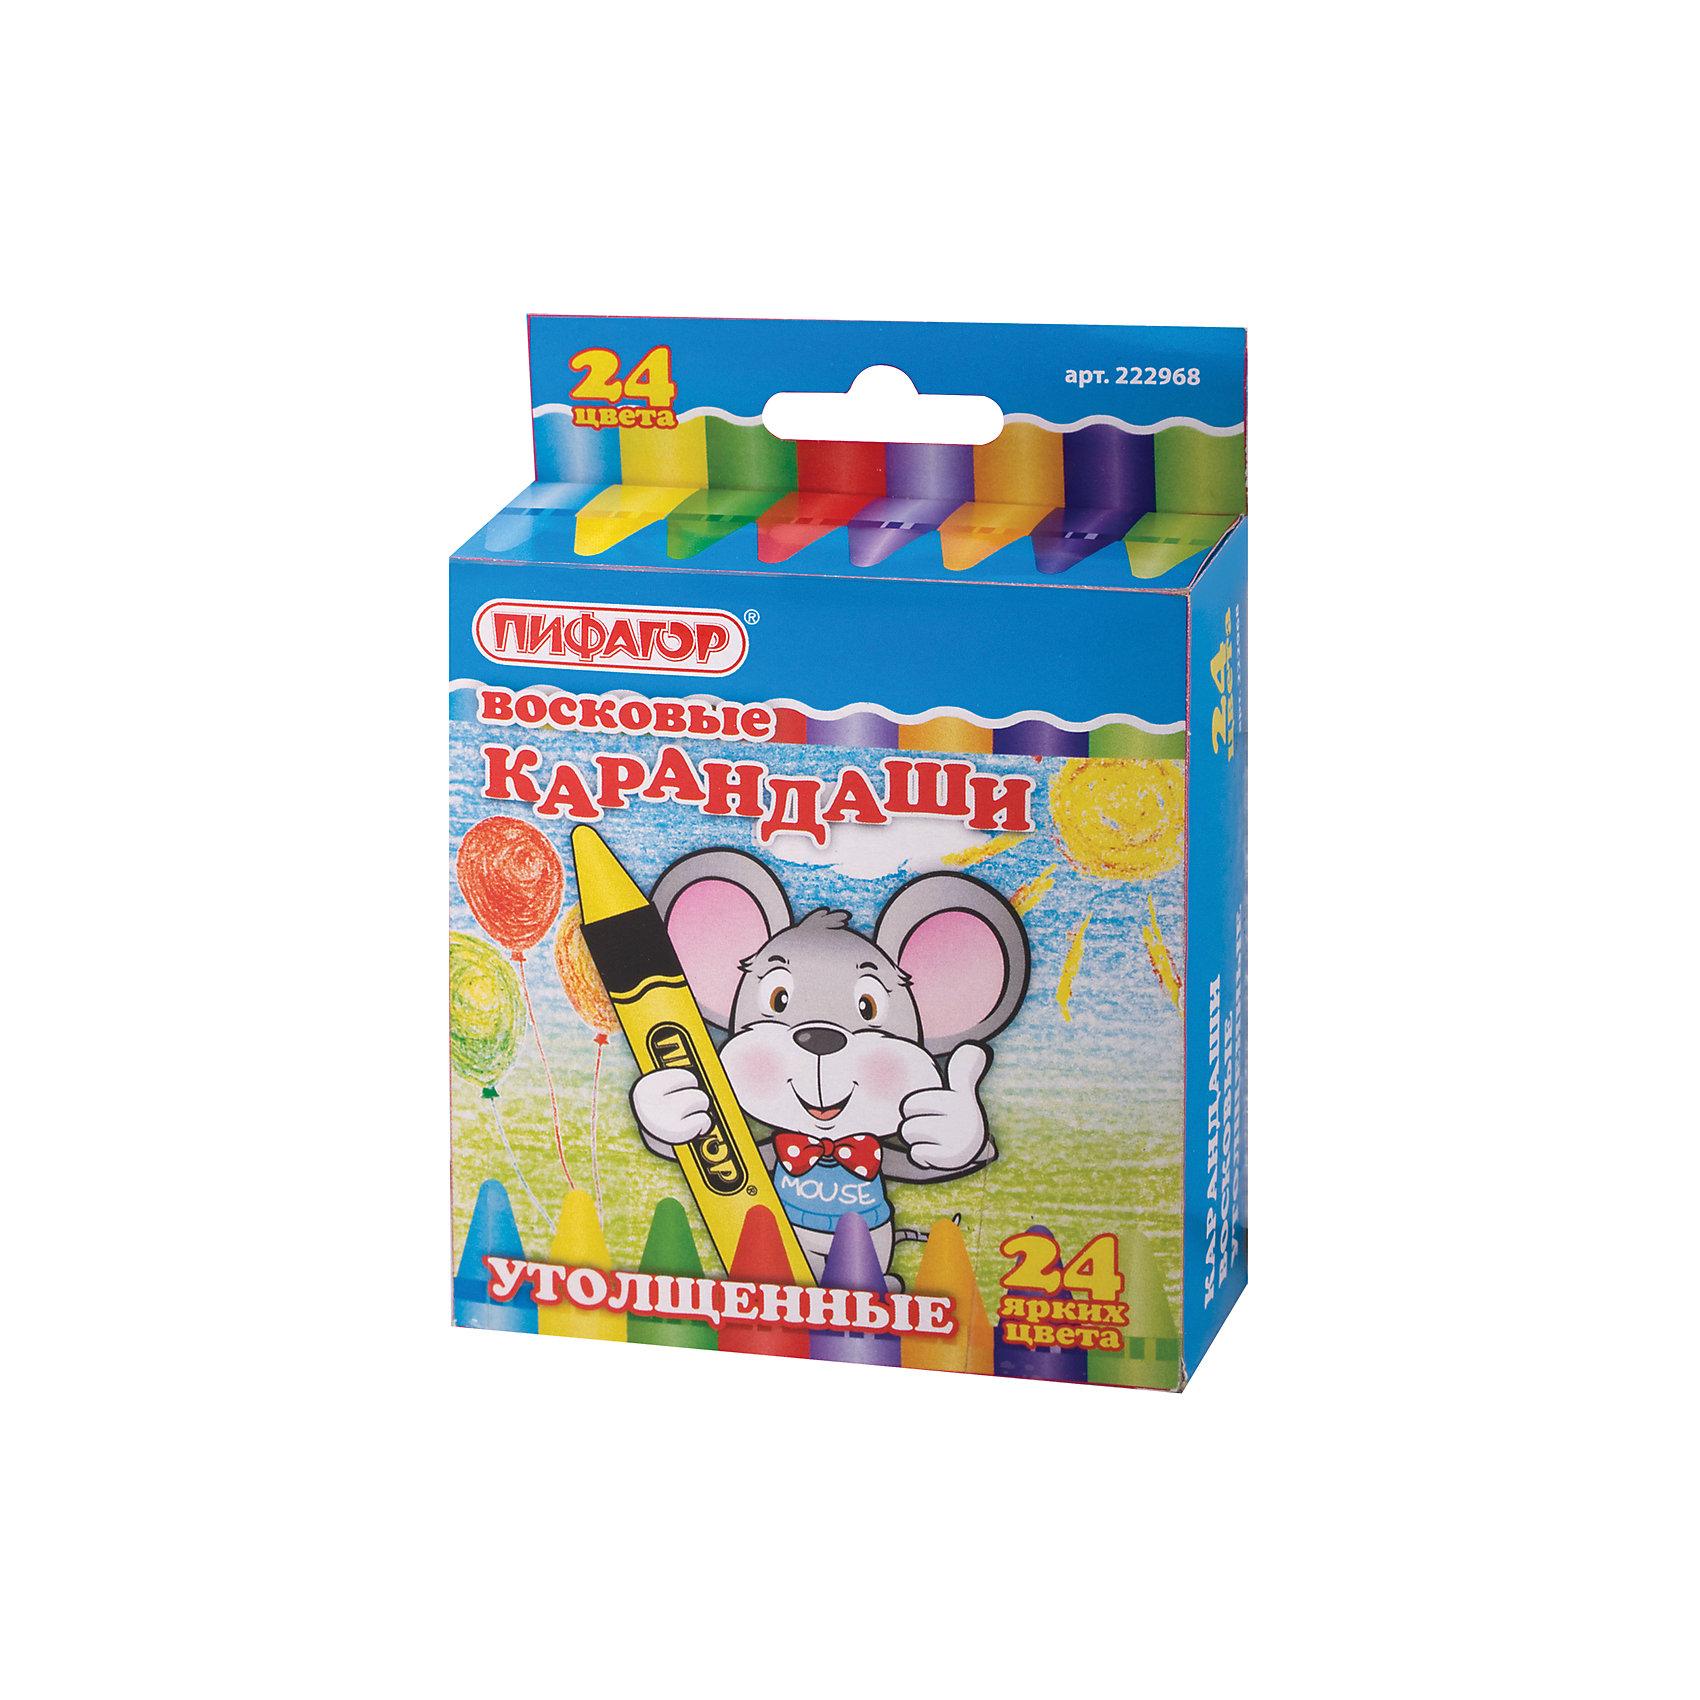 Восковые утолщенные карандаши, 24 цв., ПифагорВосковые карандаши идеально подходят для детского творчества. Предназначены для рисования на бумаге любого типа, дереве, картоне и стекле. Увеличенный диаметр карандаша удобен для маленьких детей. <br><br>Пусть юный художник развивает свою фантазию!<br><br>Дополнительная информация: <br><br>- 24 цвета.<br>- Диаметр - 11 мм.<br>- Картонная упаковка с европодвесом.<br>- Размер упаковки: 3,5х9х10,5 см.<br>- Вес в упаковке: 277 г.<br><br>Восковые карандаши Пифагор можно купить в нашем магазине.<br><br>Ширина мм: 35<br>Глубина мм: 90<br>Высота мм: 105<br>Вес г: 277<br>Возраст от месяцев: 72<br>Возраст до месяцев: 2147483647<br>Пол: Унисекс<br>Возраст: Детский<br>SKU: 4792651